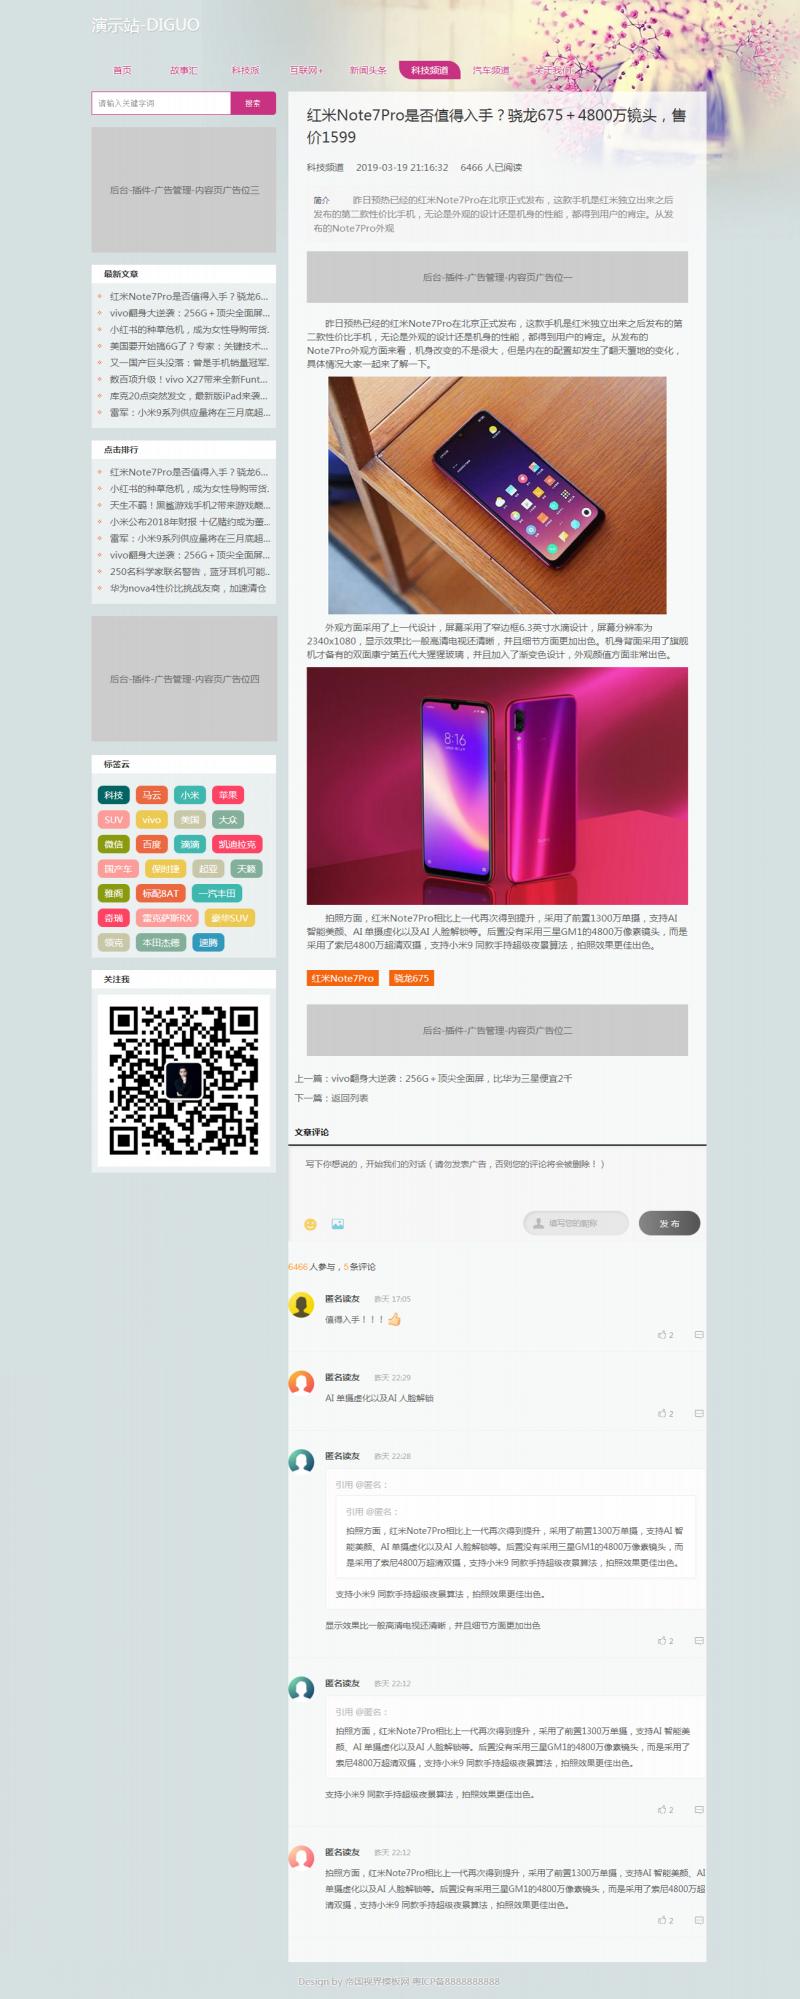 文章内容页.jpg [DG-029]帝国cms模板仿女性博客网站模板粉色樱花系列自适应模板 博客文章 第3张